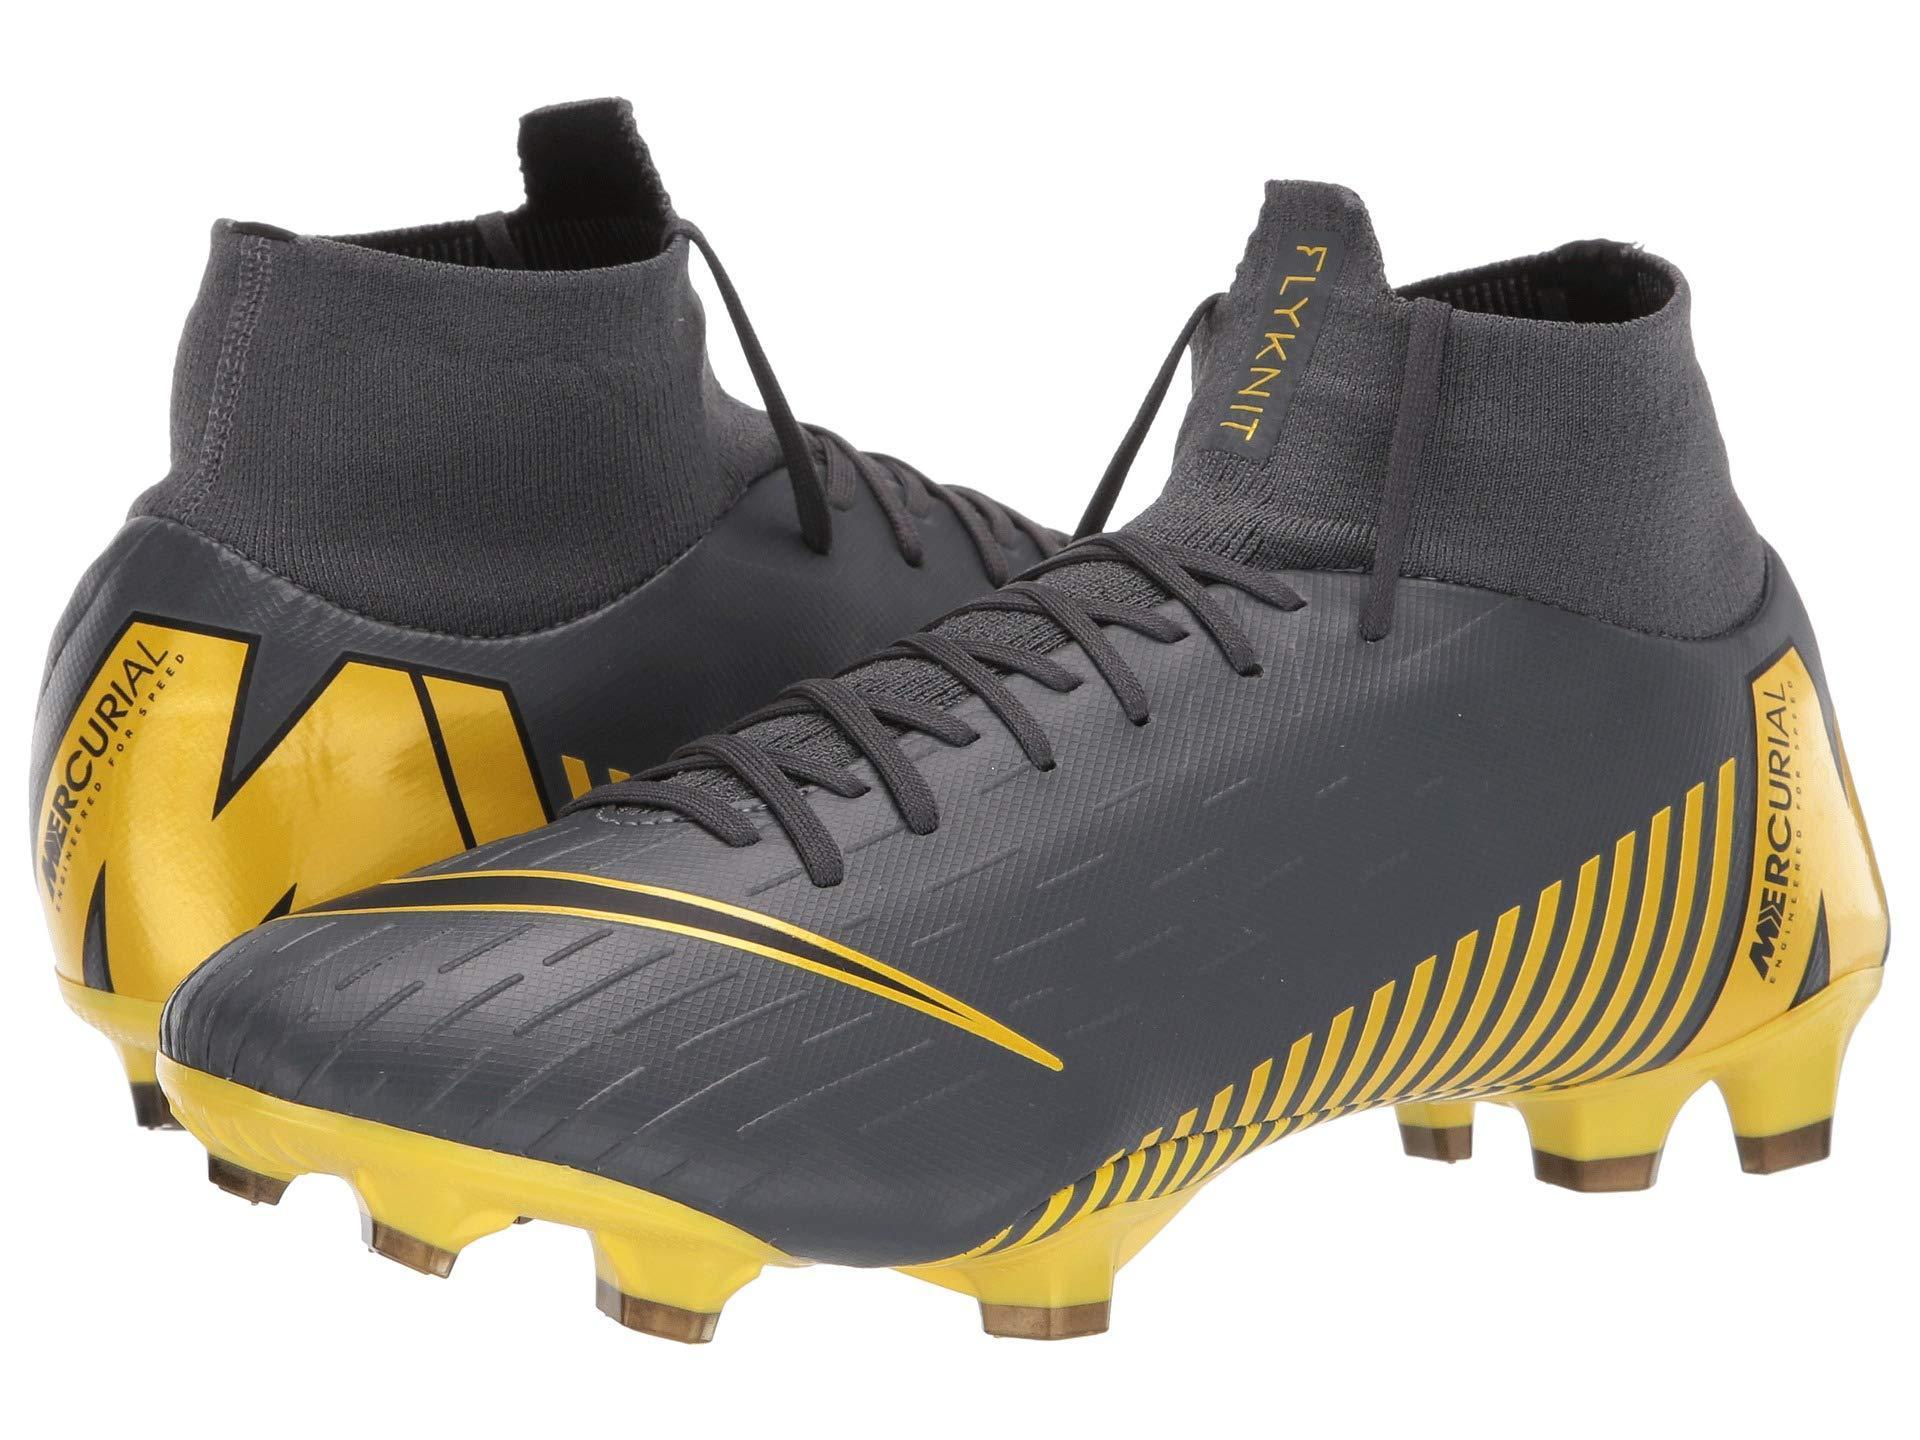 769a0093c3e8 Nike Superfly 6 Pro Fg (black/metallic Vivid Gold) Men's Soccer ...